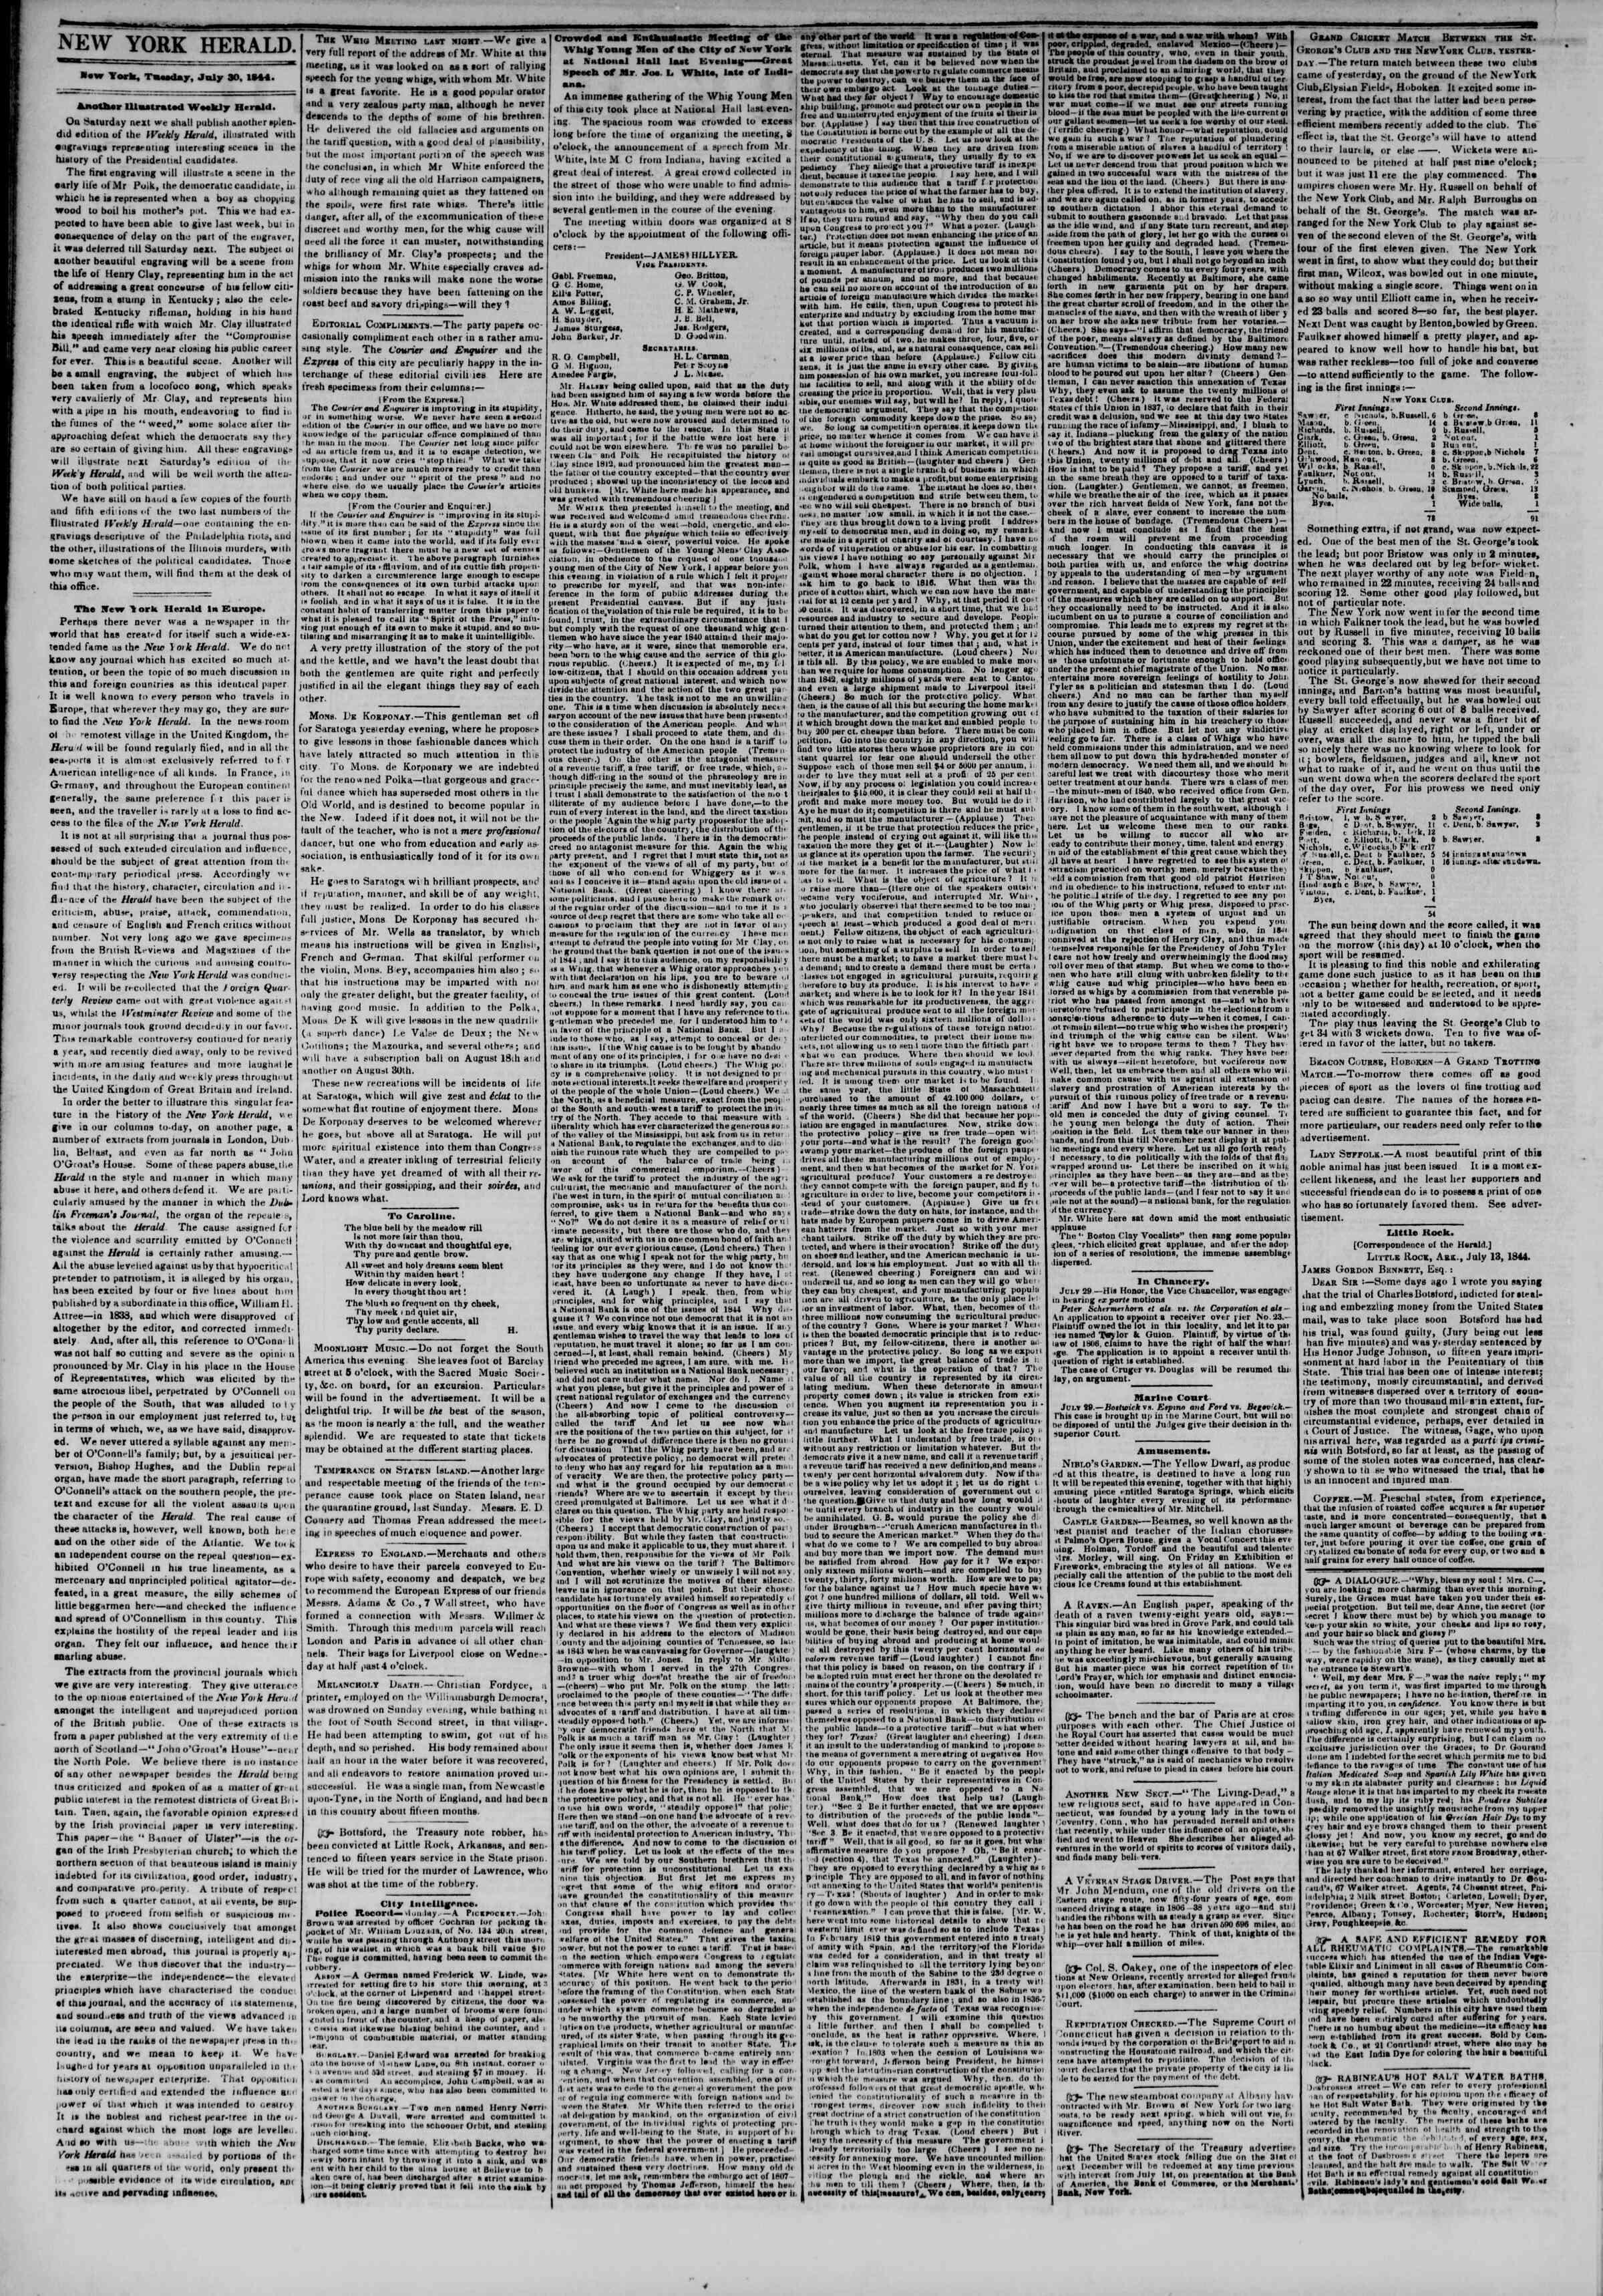 30 Temmuz 1844 Tarihli The New York Herald Gazetesi Sayfa 2